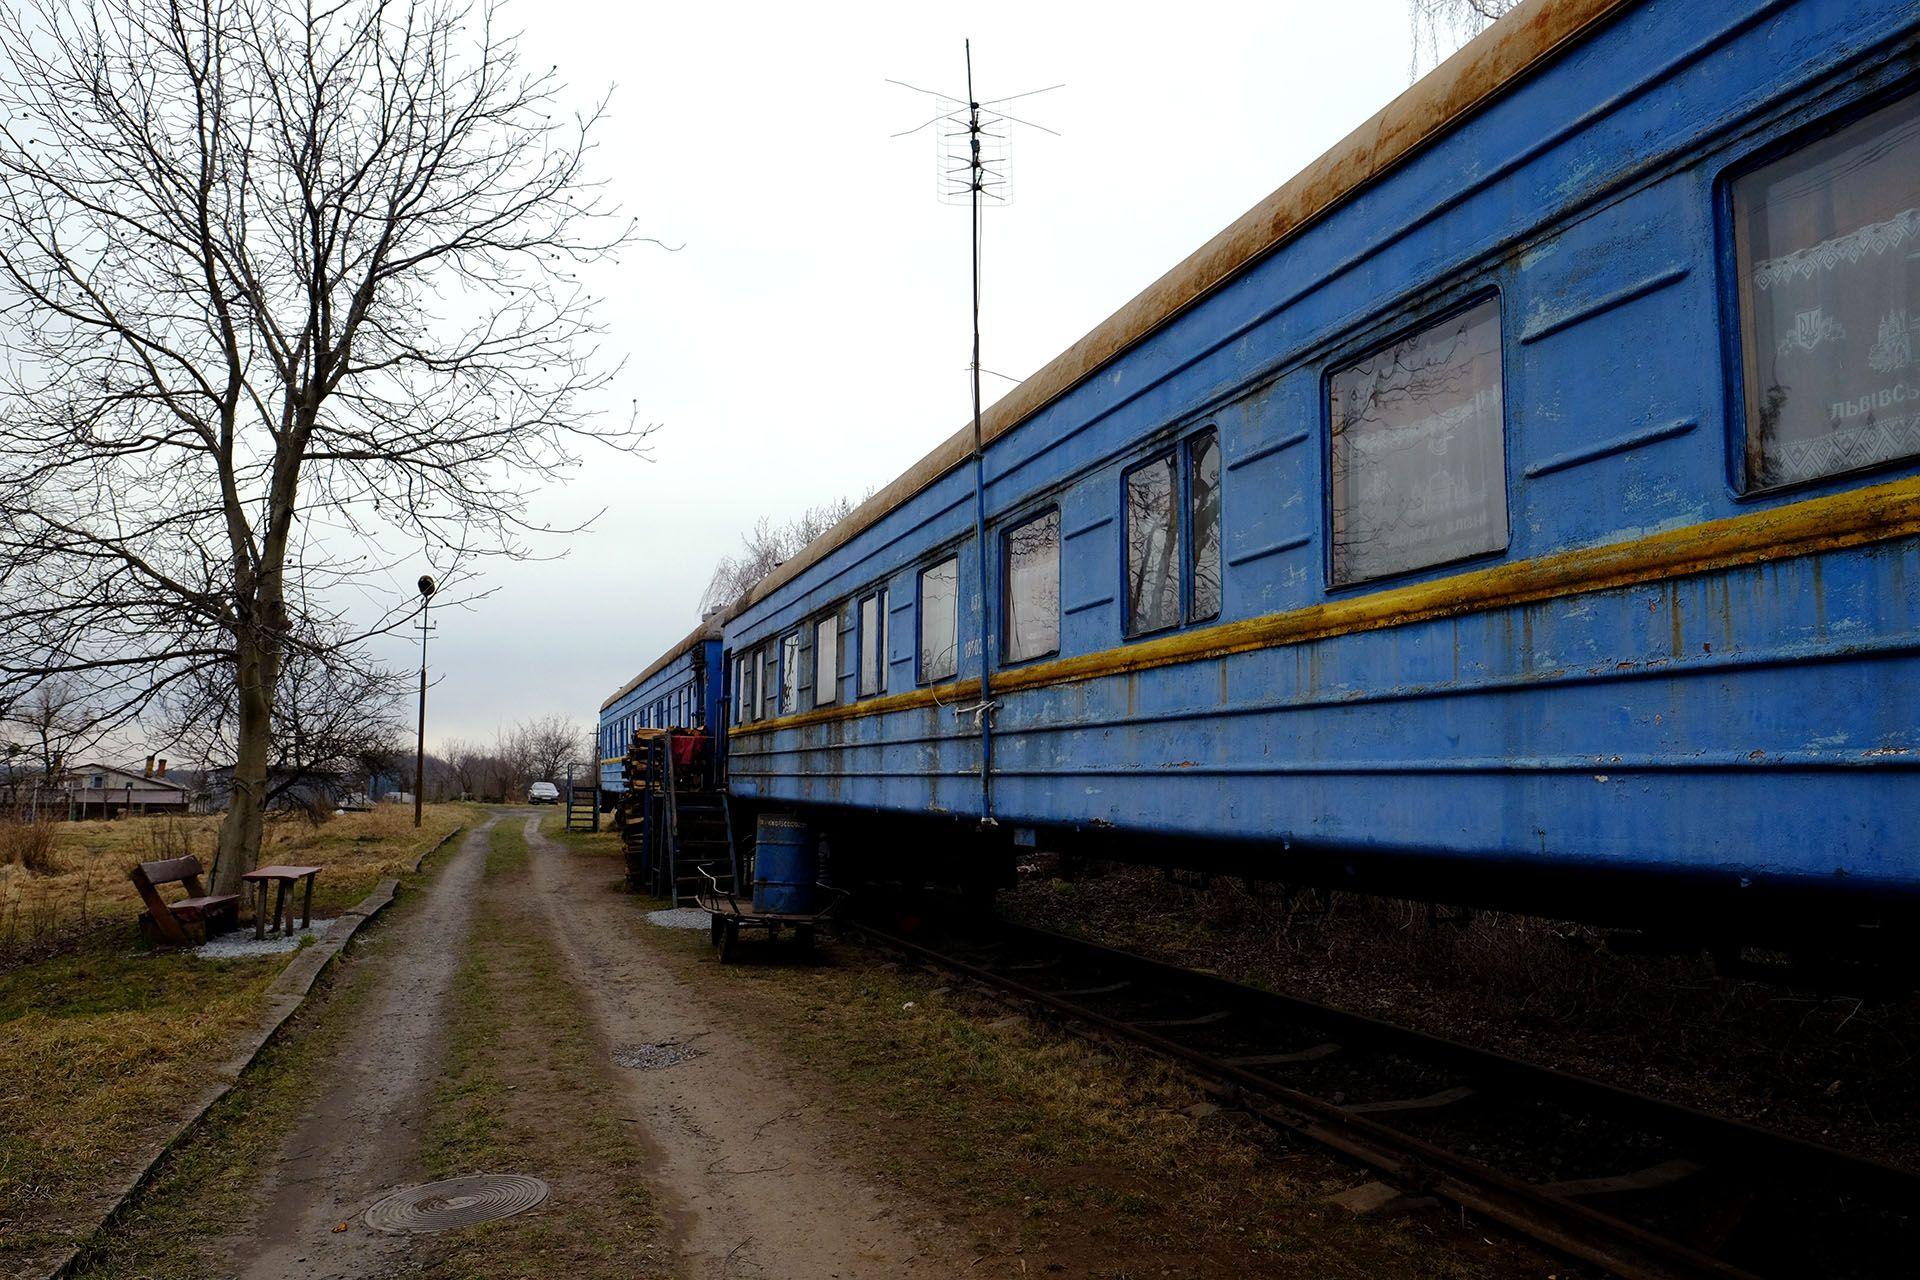 Життя у залізничних вагонах